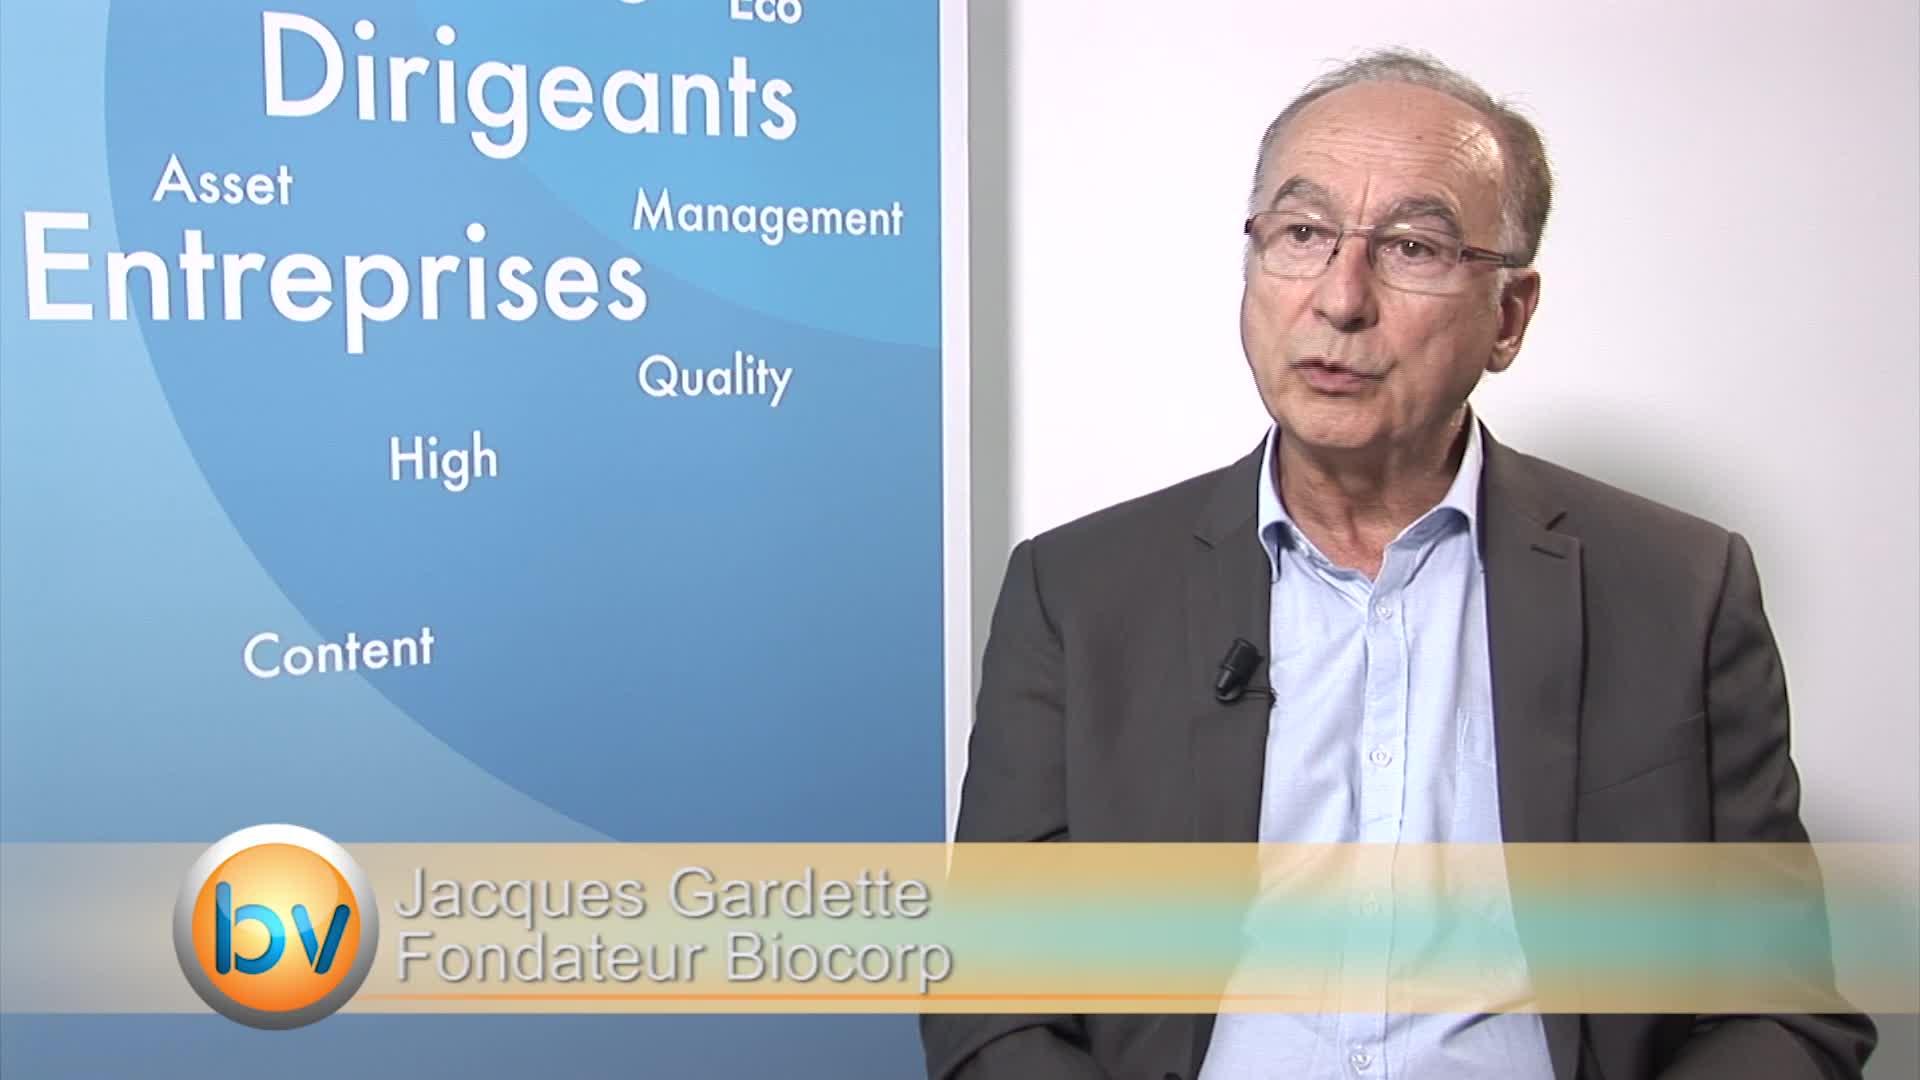 """Jacques Gardette Fondateur Biocorp : """"Le besoin va rencontrer la technologie dans la e-santé"""""""